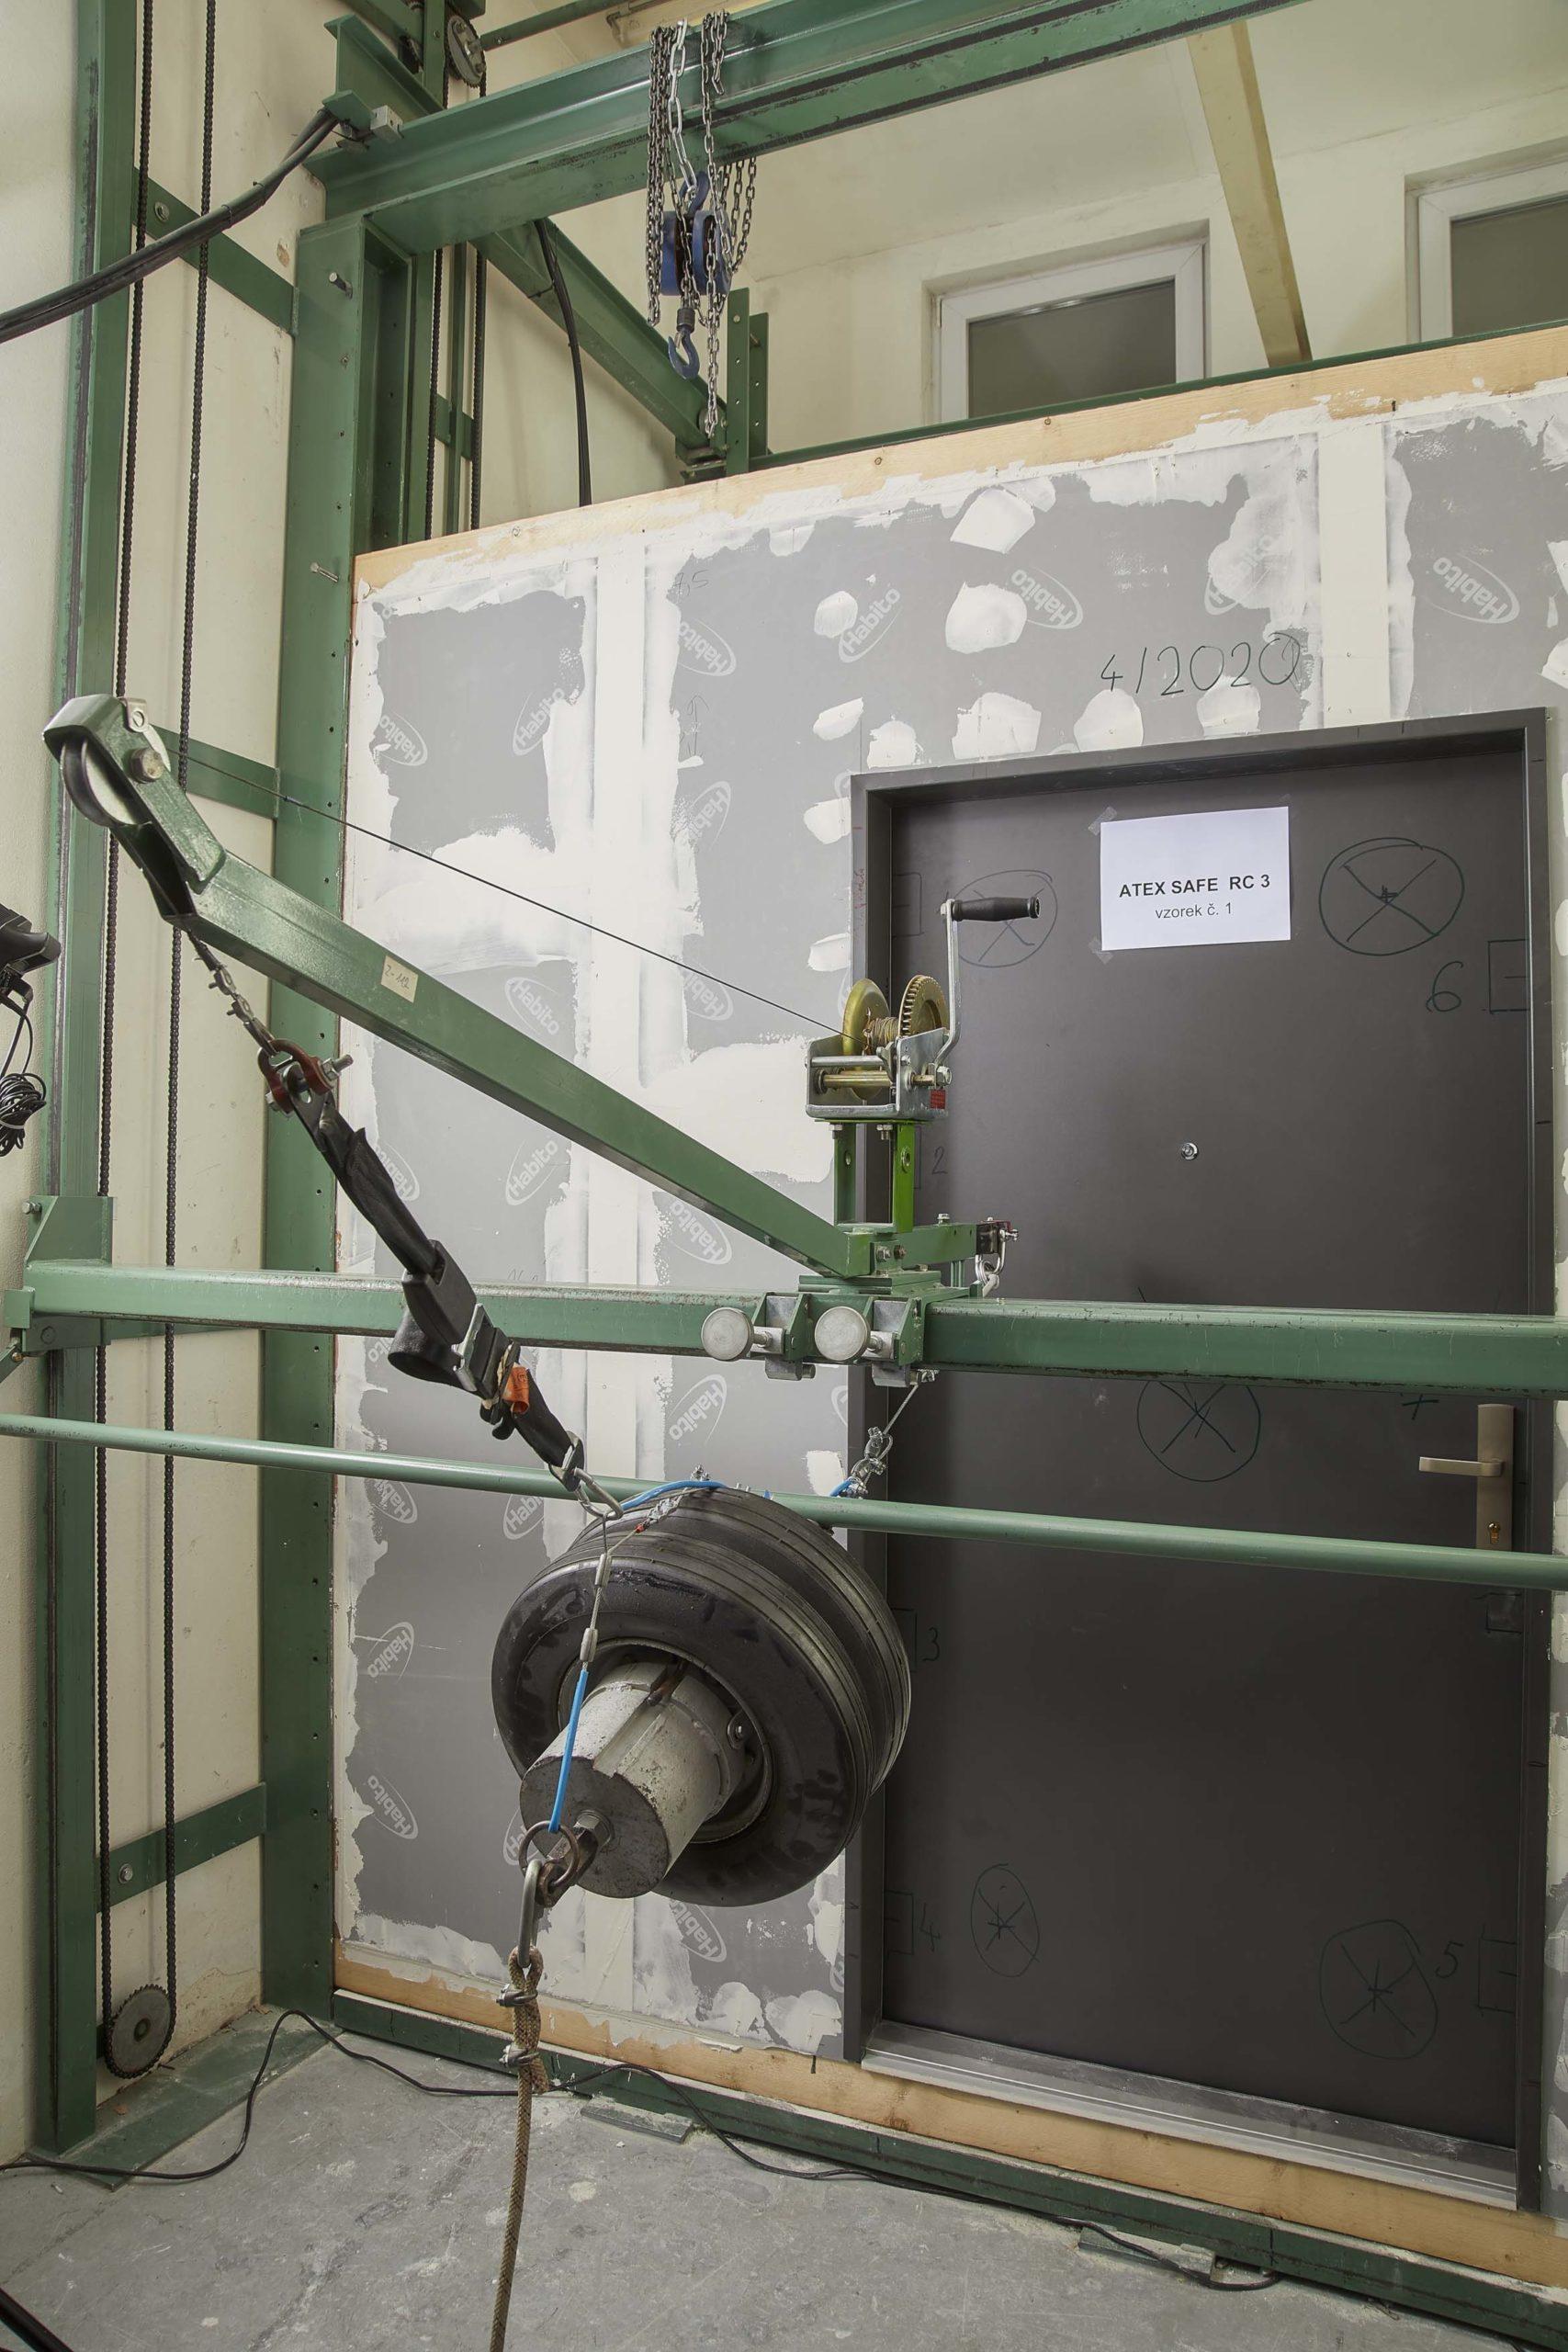 konstrukce musi odolat statickému tlaku (zkouseno hydraulickym valcem)